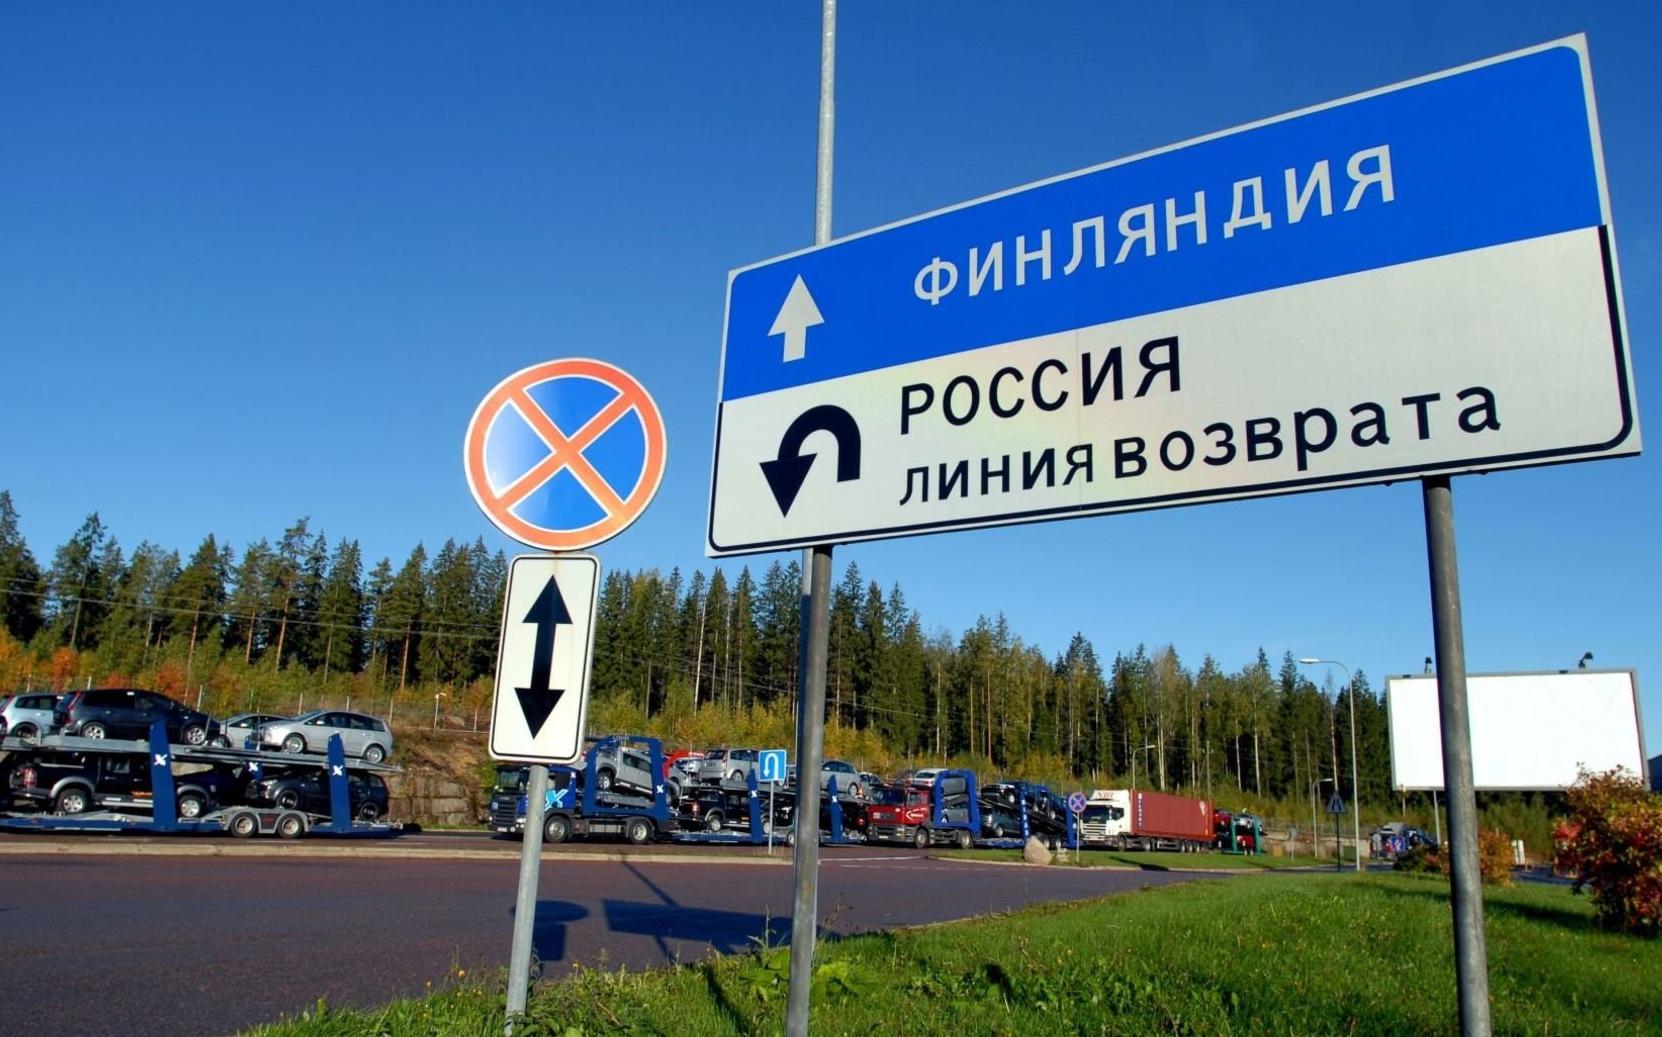 Финны высмеяли нелегалов из России, пытавшихся попасть в ЕС